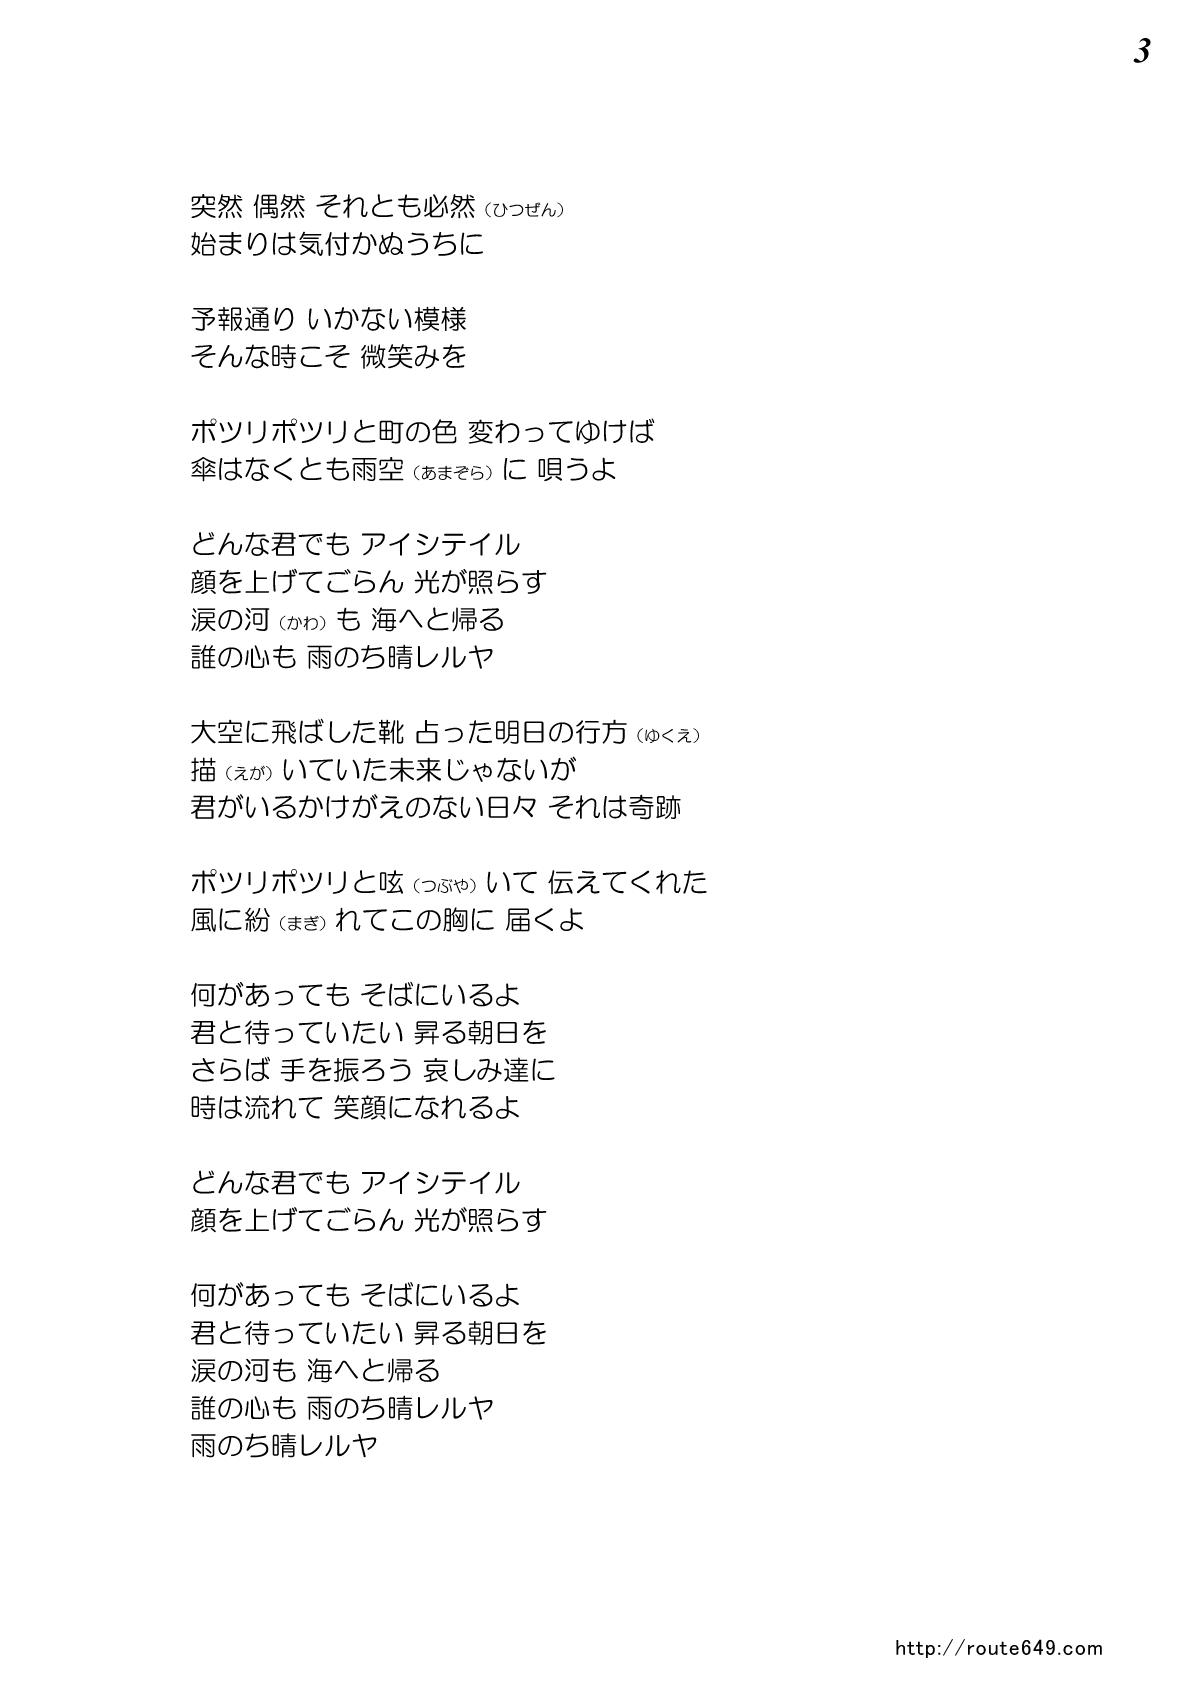 歌詞 ハレルヤ